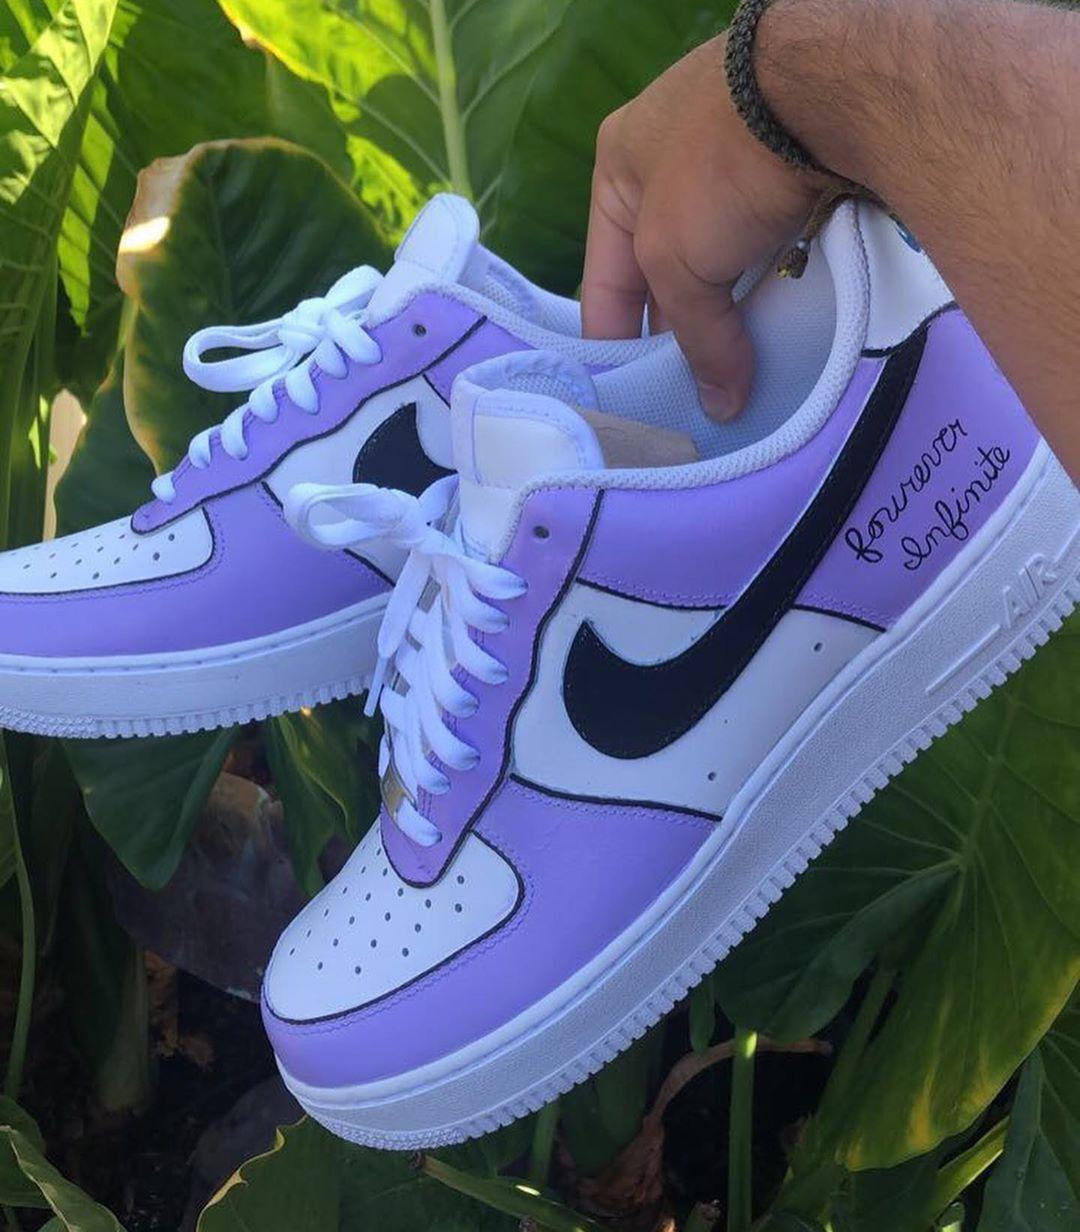 pulvre #ayakabı #nike #aır #lila #trend in 2020 | Nike air